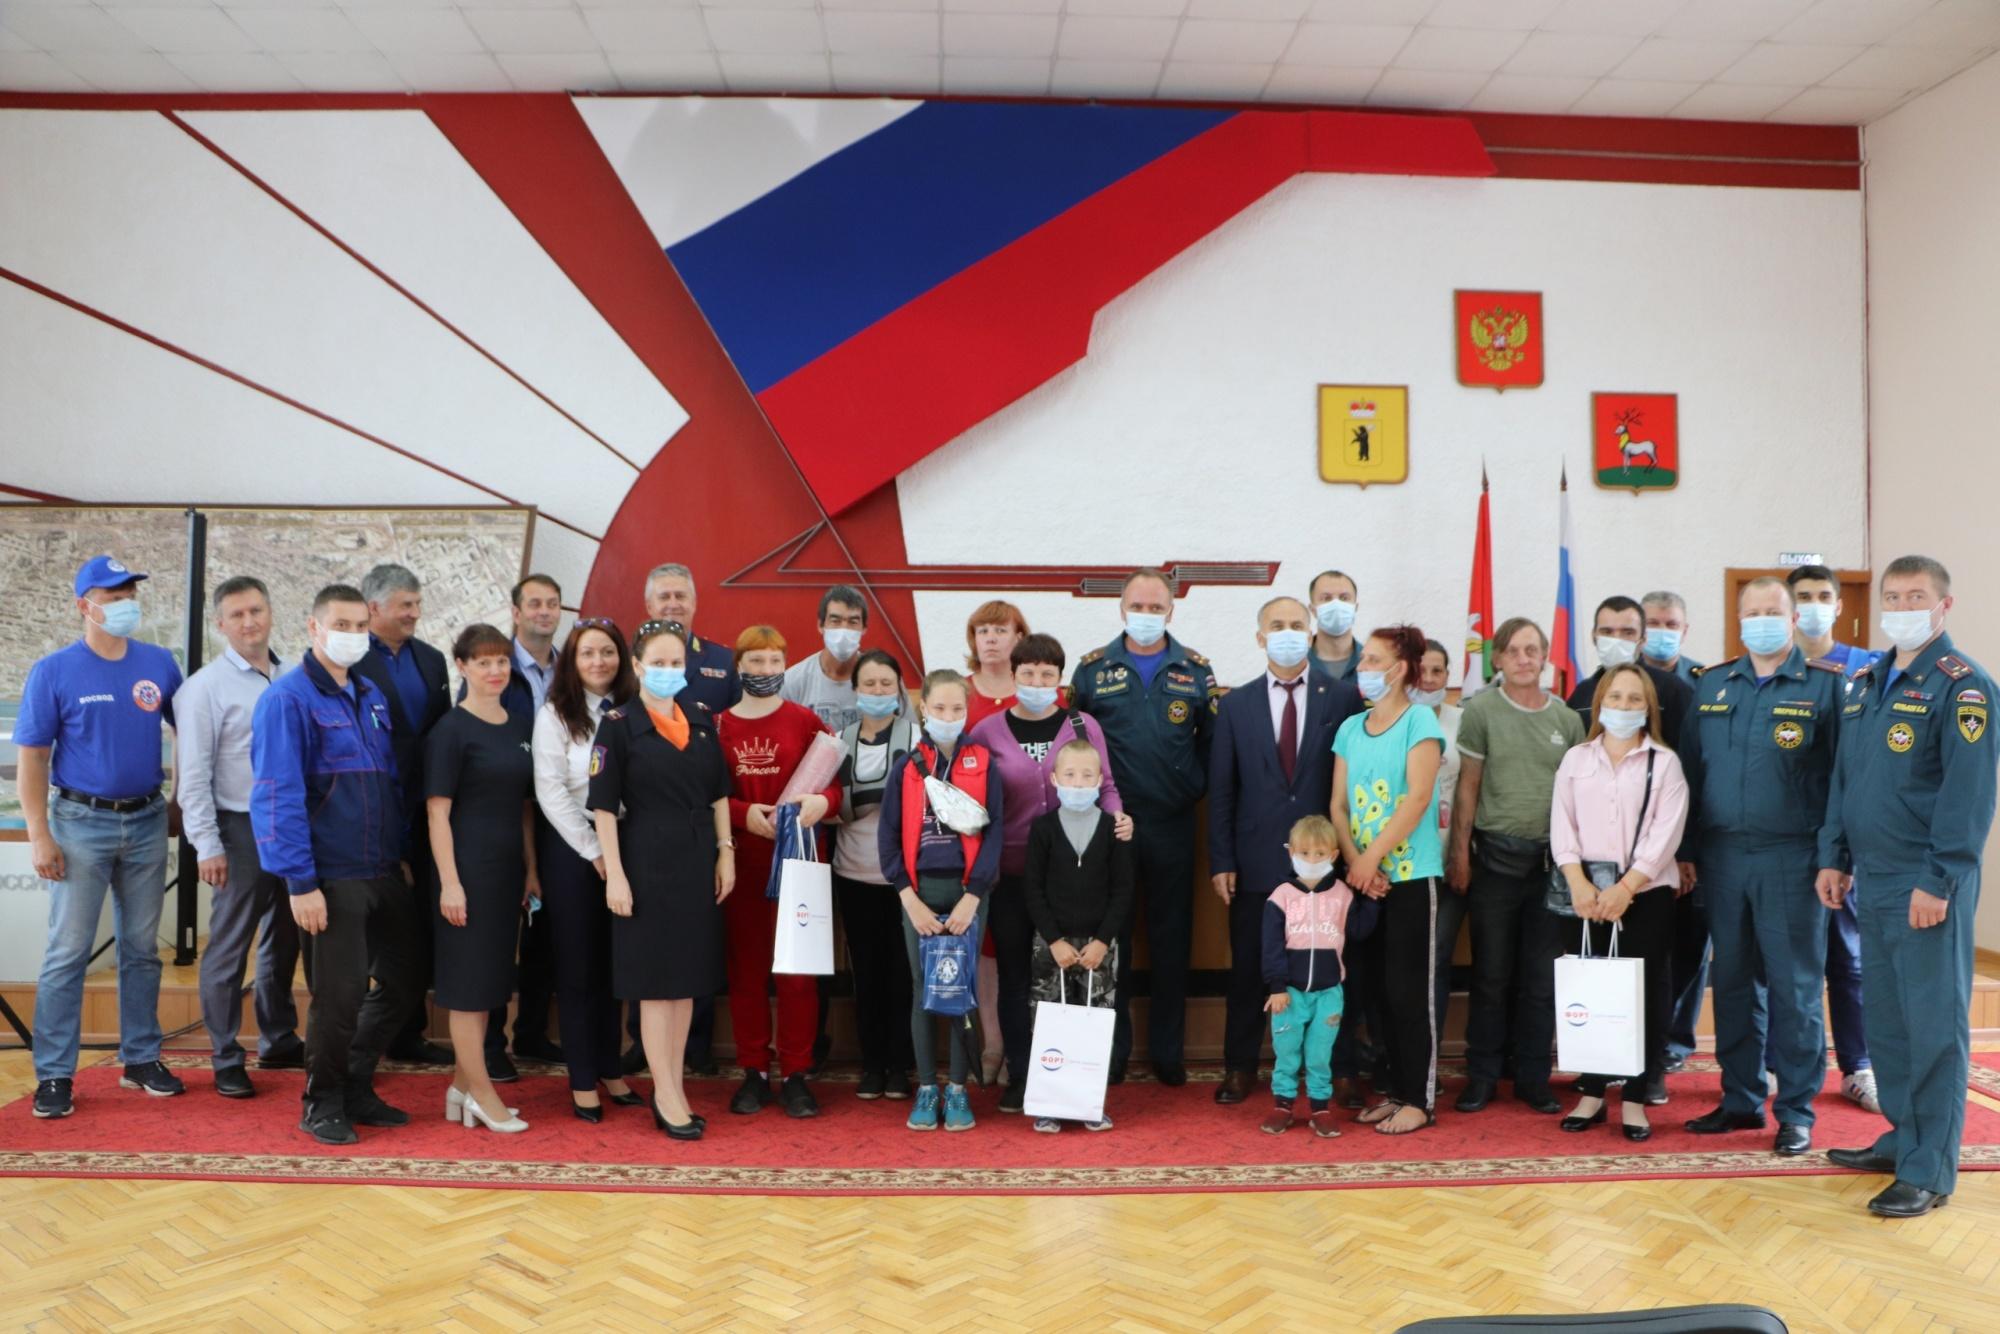 17 июля, в региональном МЧС состоялось торжественное открытие мероприятия, посвящённого социальной акции «За безопасное детство».